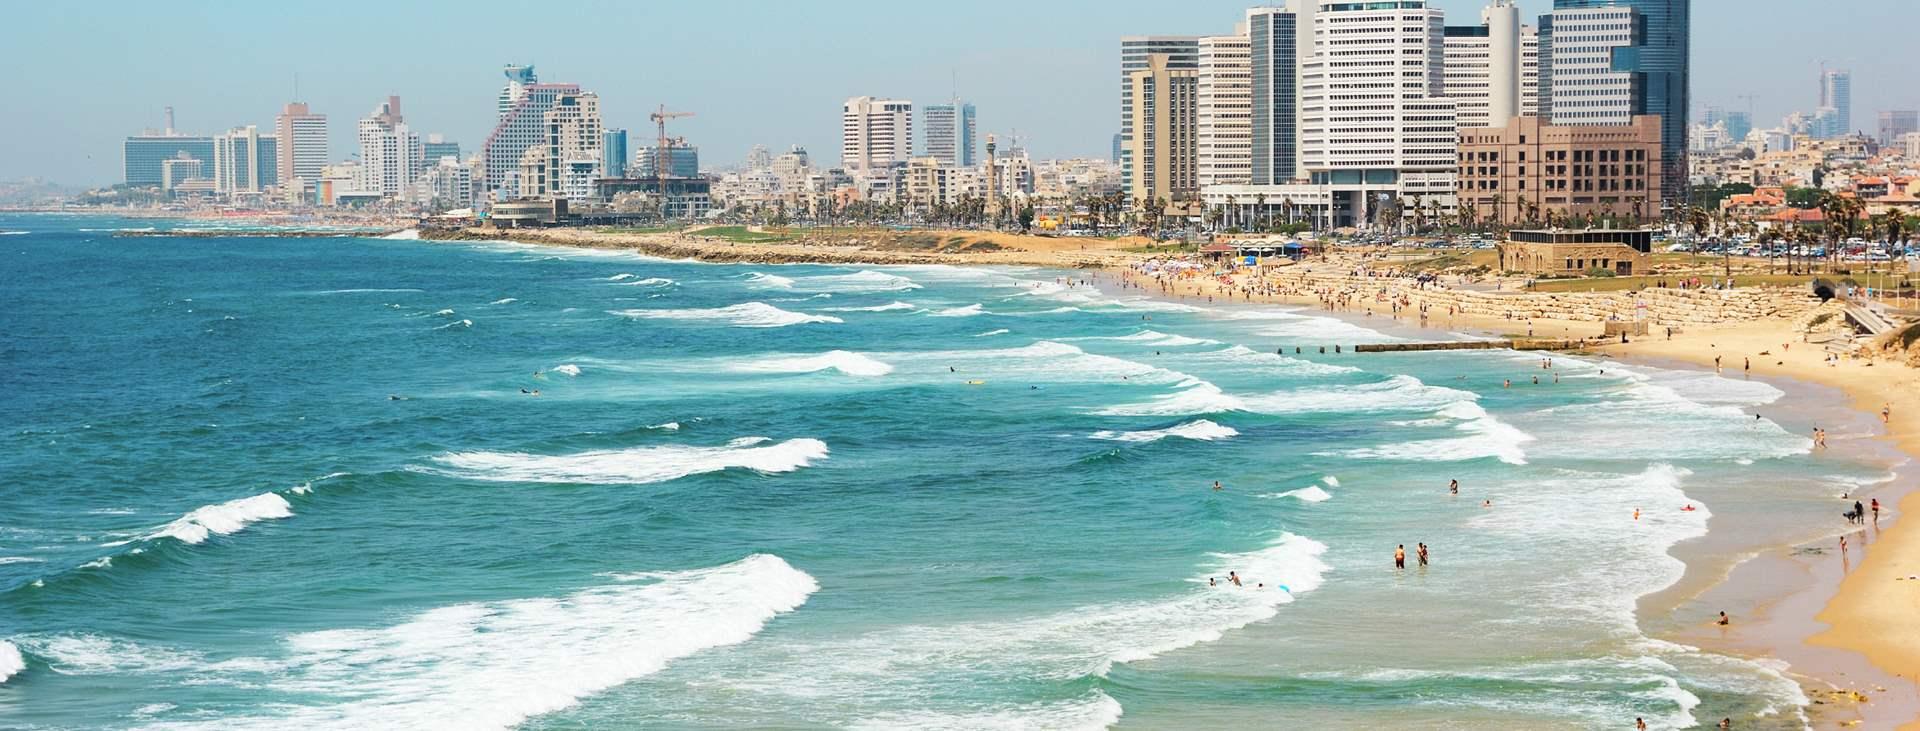 Varaa Tjäreborgin matka Tel Aviviin, Israeliin